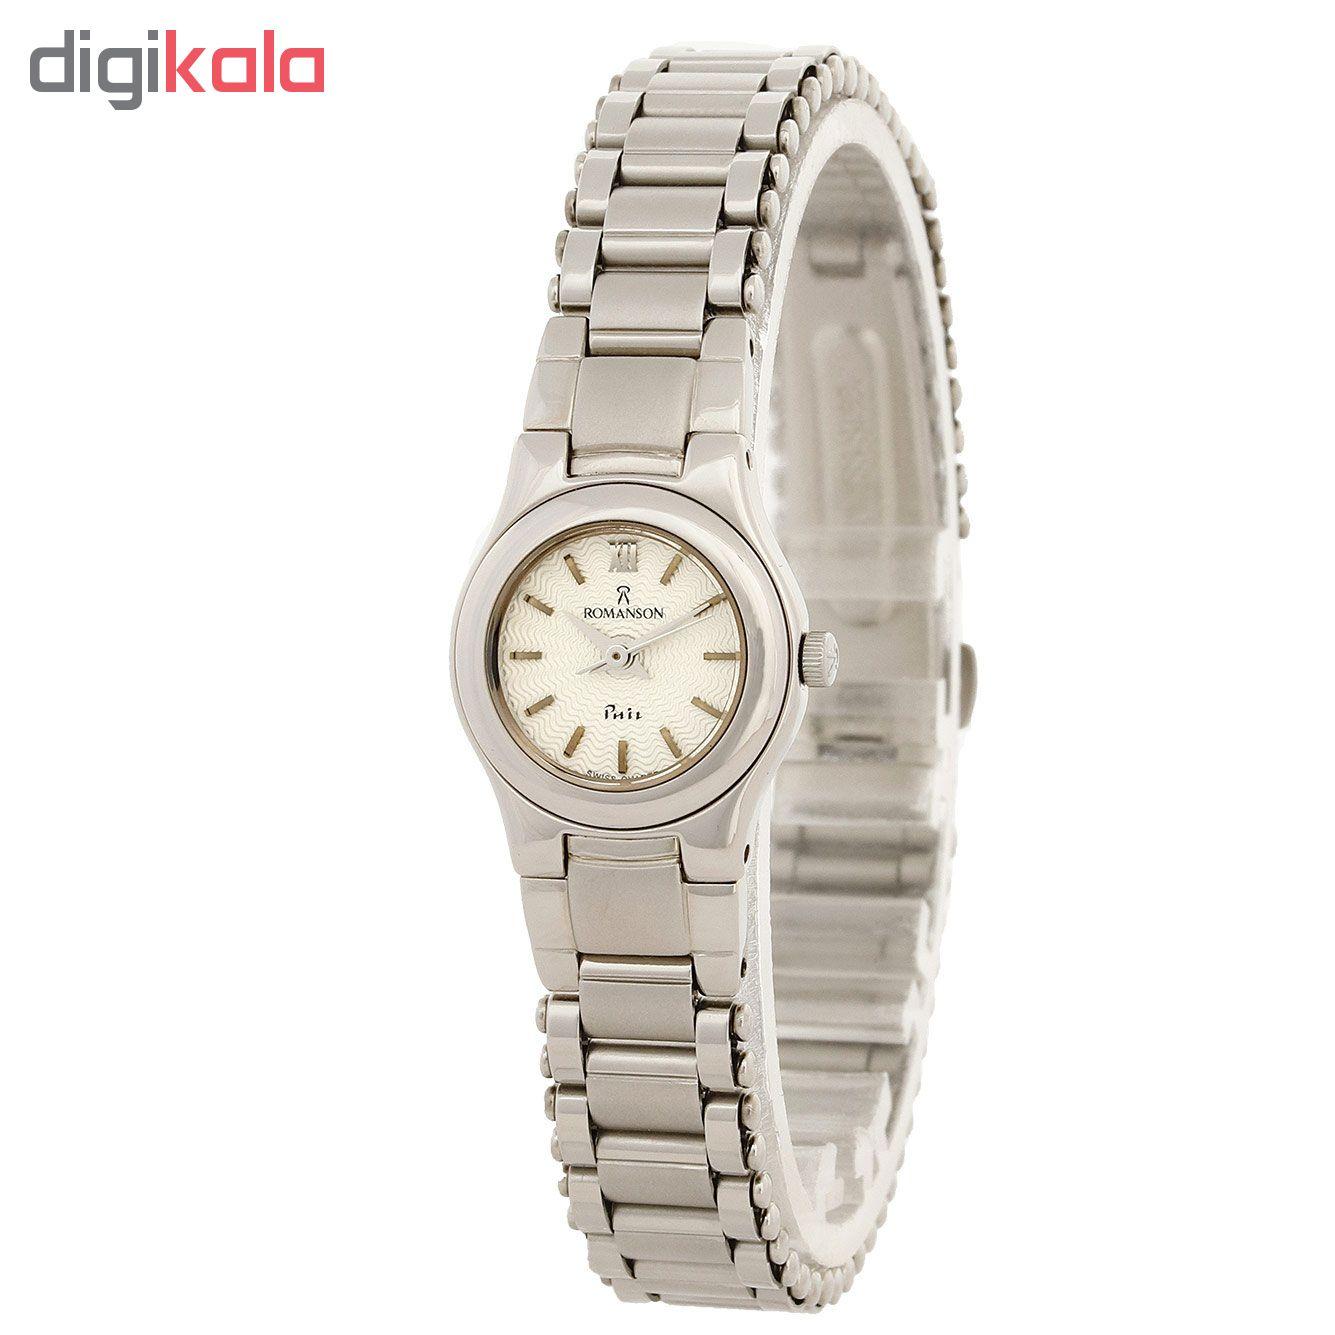 ساعت مچی عقربه ای زنانه رومانسون مدل NM4510LL1WAS2W              خرید (⭐️⭐️⭐️)